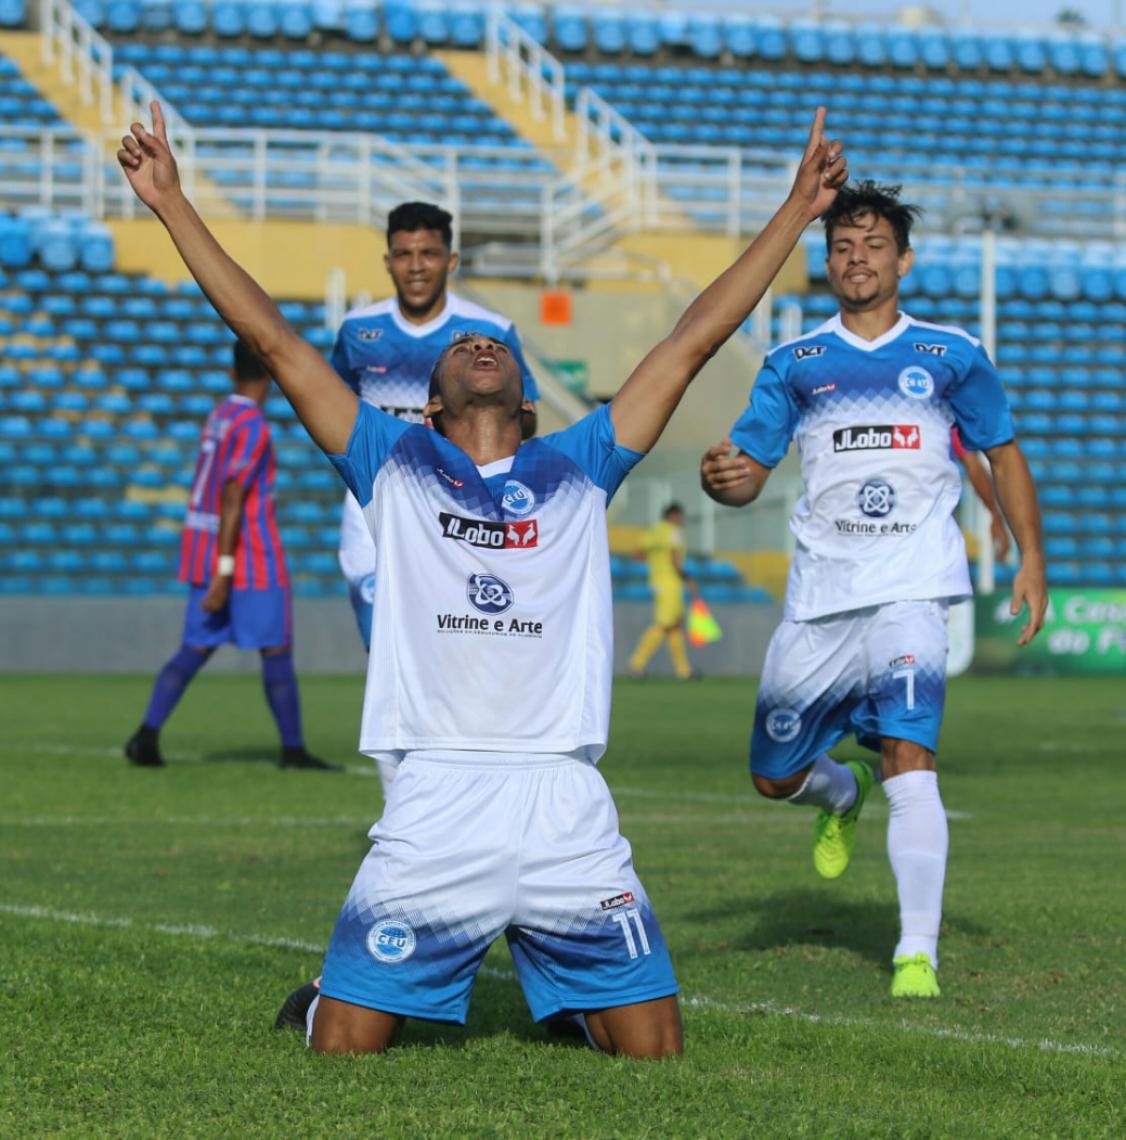 União venceu Horizonte por 4 a 0